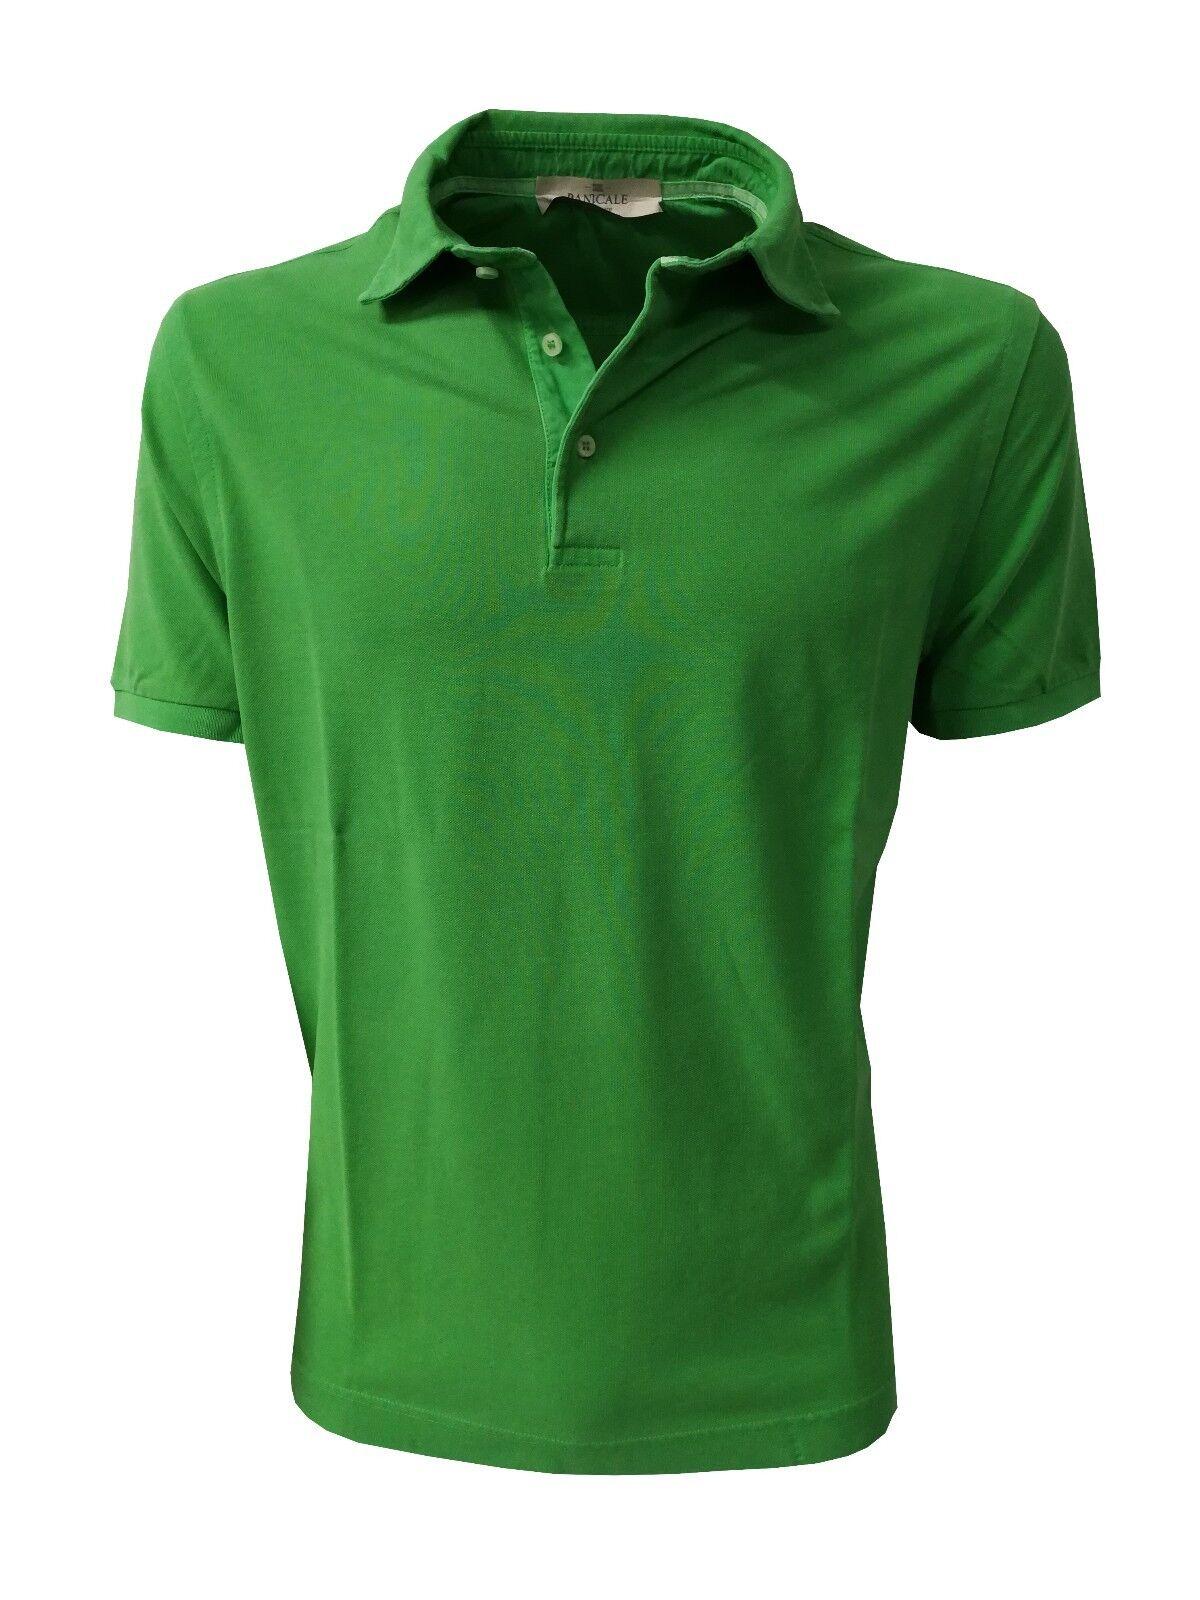 PANICALE Mann-Kurzarm Polo mit Seitenschlitze Seite grün 100% Baumwolle